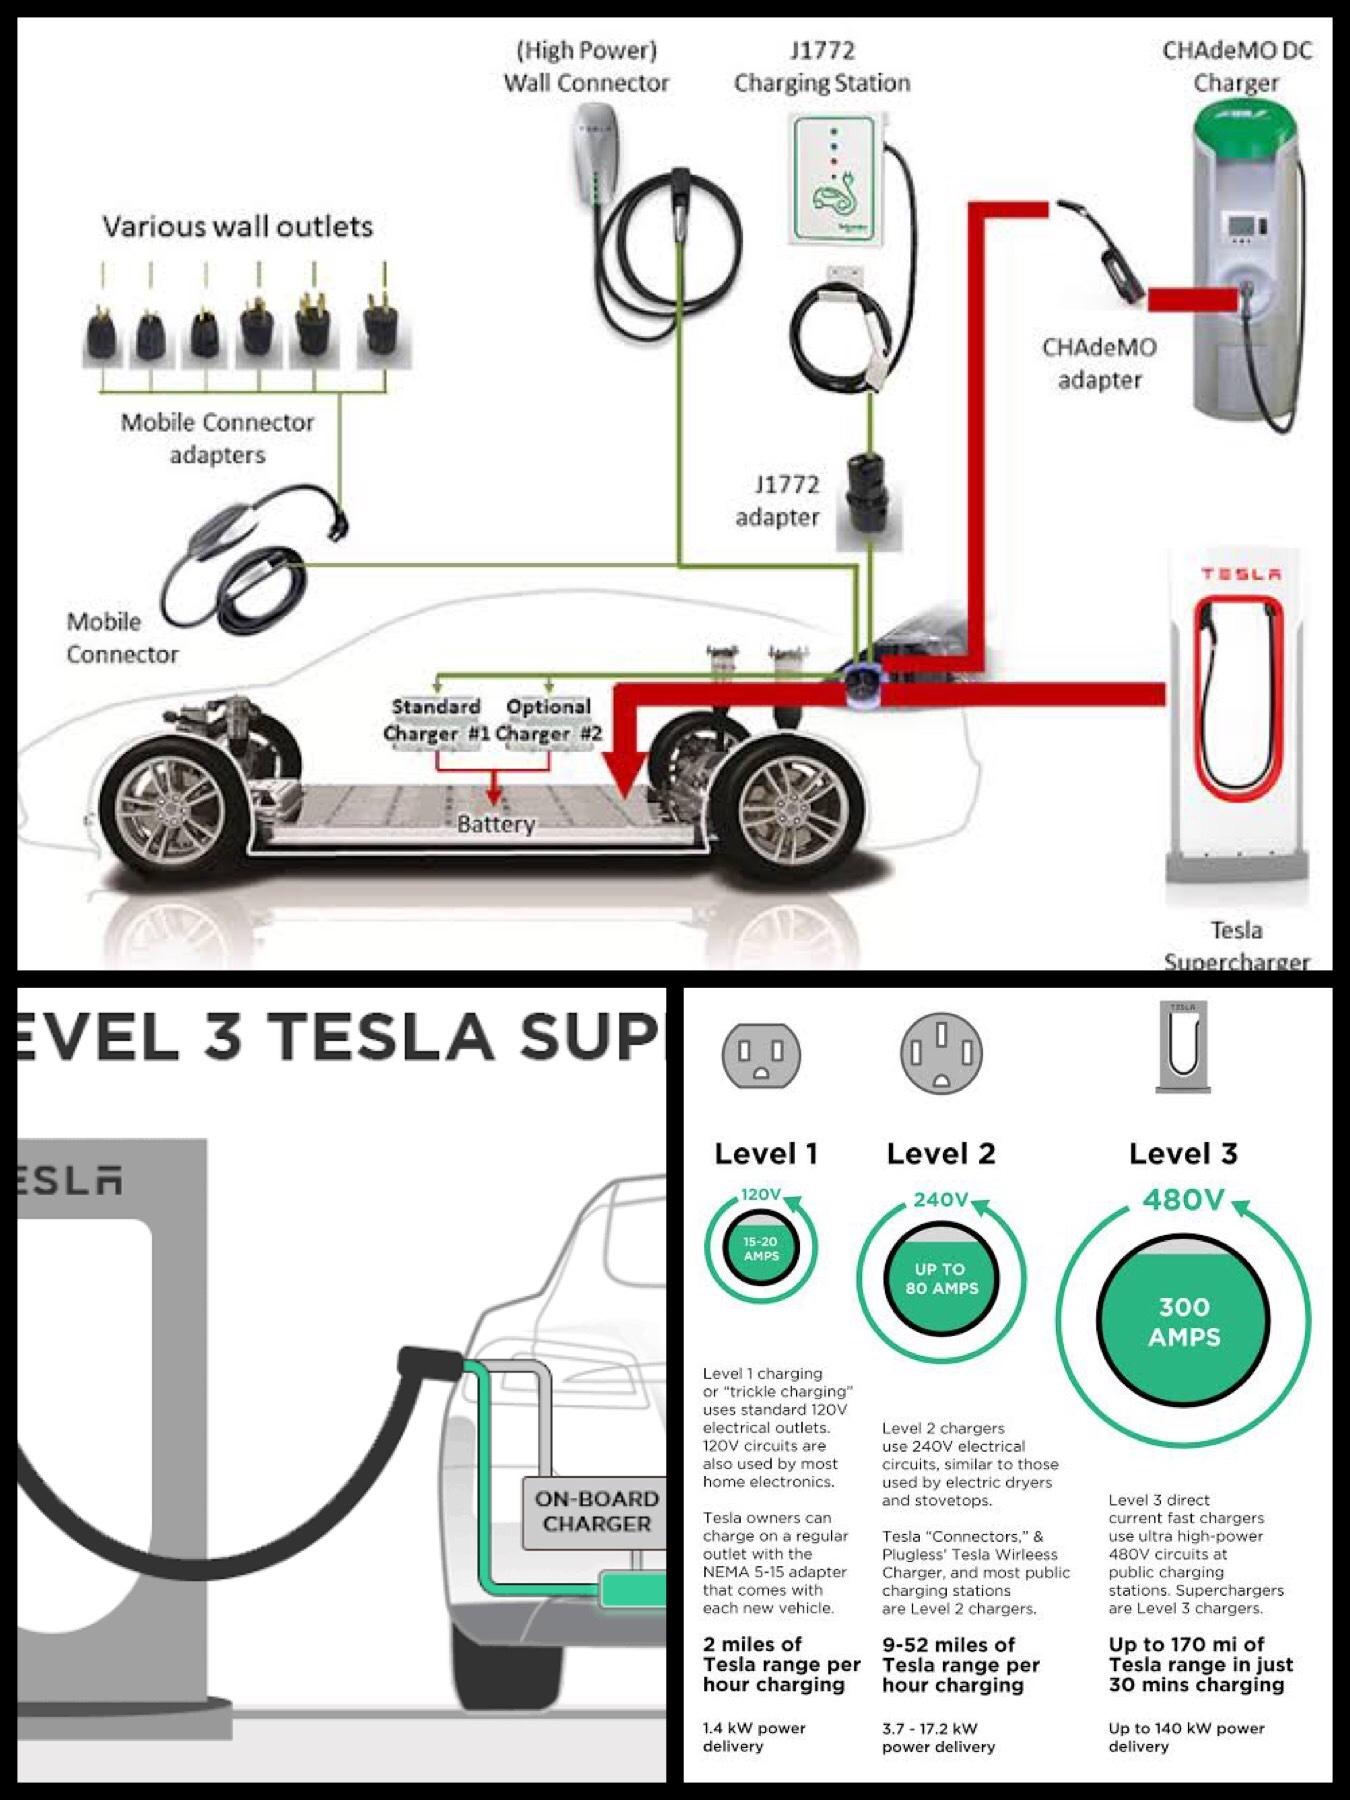 テスラ V3 スーパーチャージャー急速充電システム supercharger level3